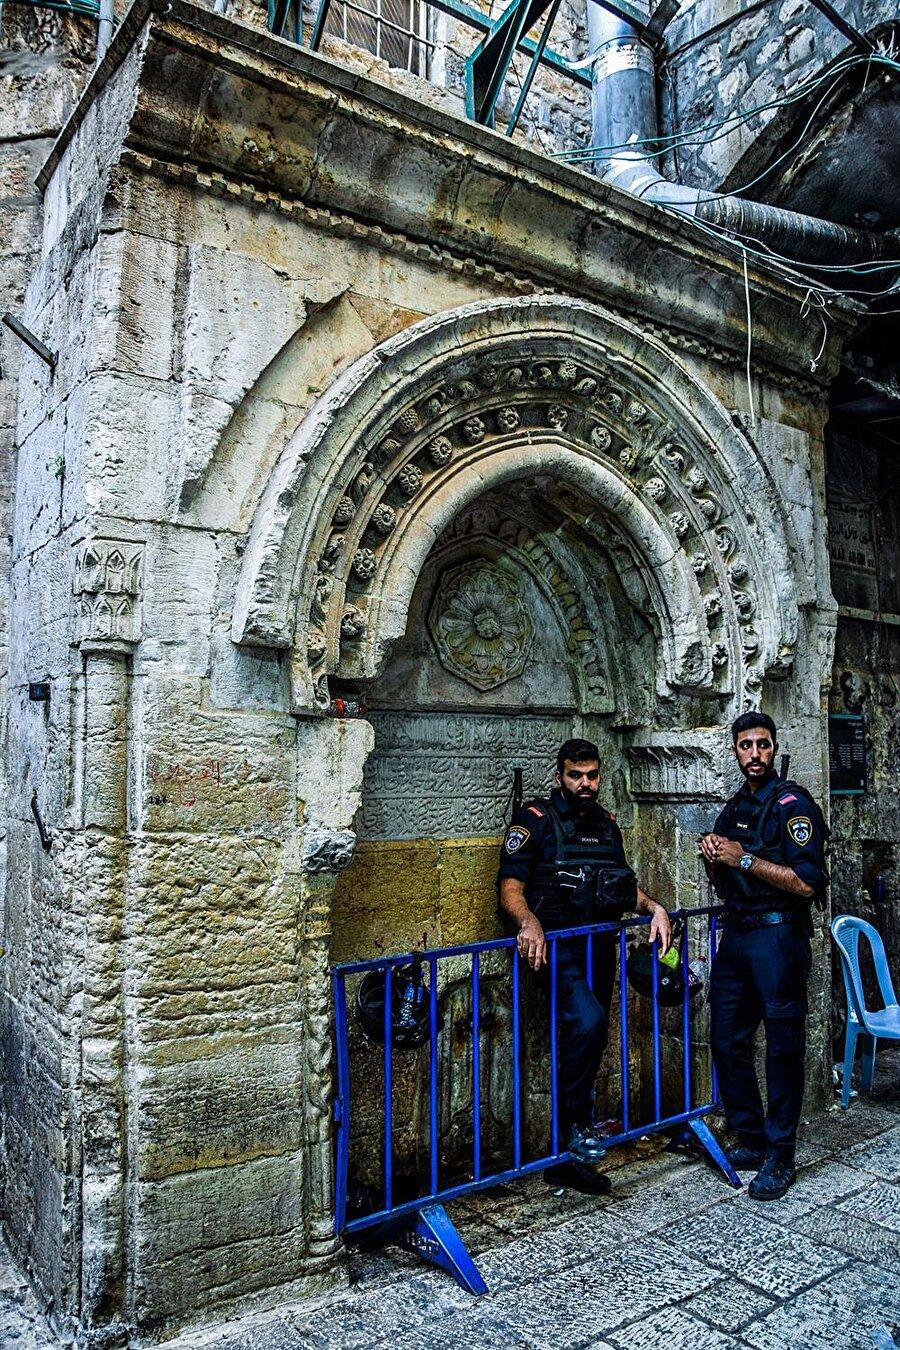 Mescid-i Aksâ'nın kapılarından biri olan Nâzır Kapısı'na giden Alâaddin Sokağı'nın girişinde, sokağın El Vâd Caddesi'yle kesiştiği köşededir.